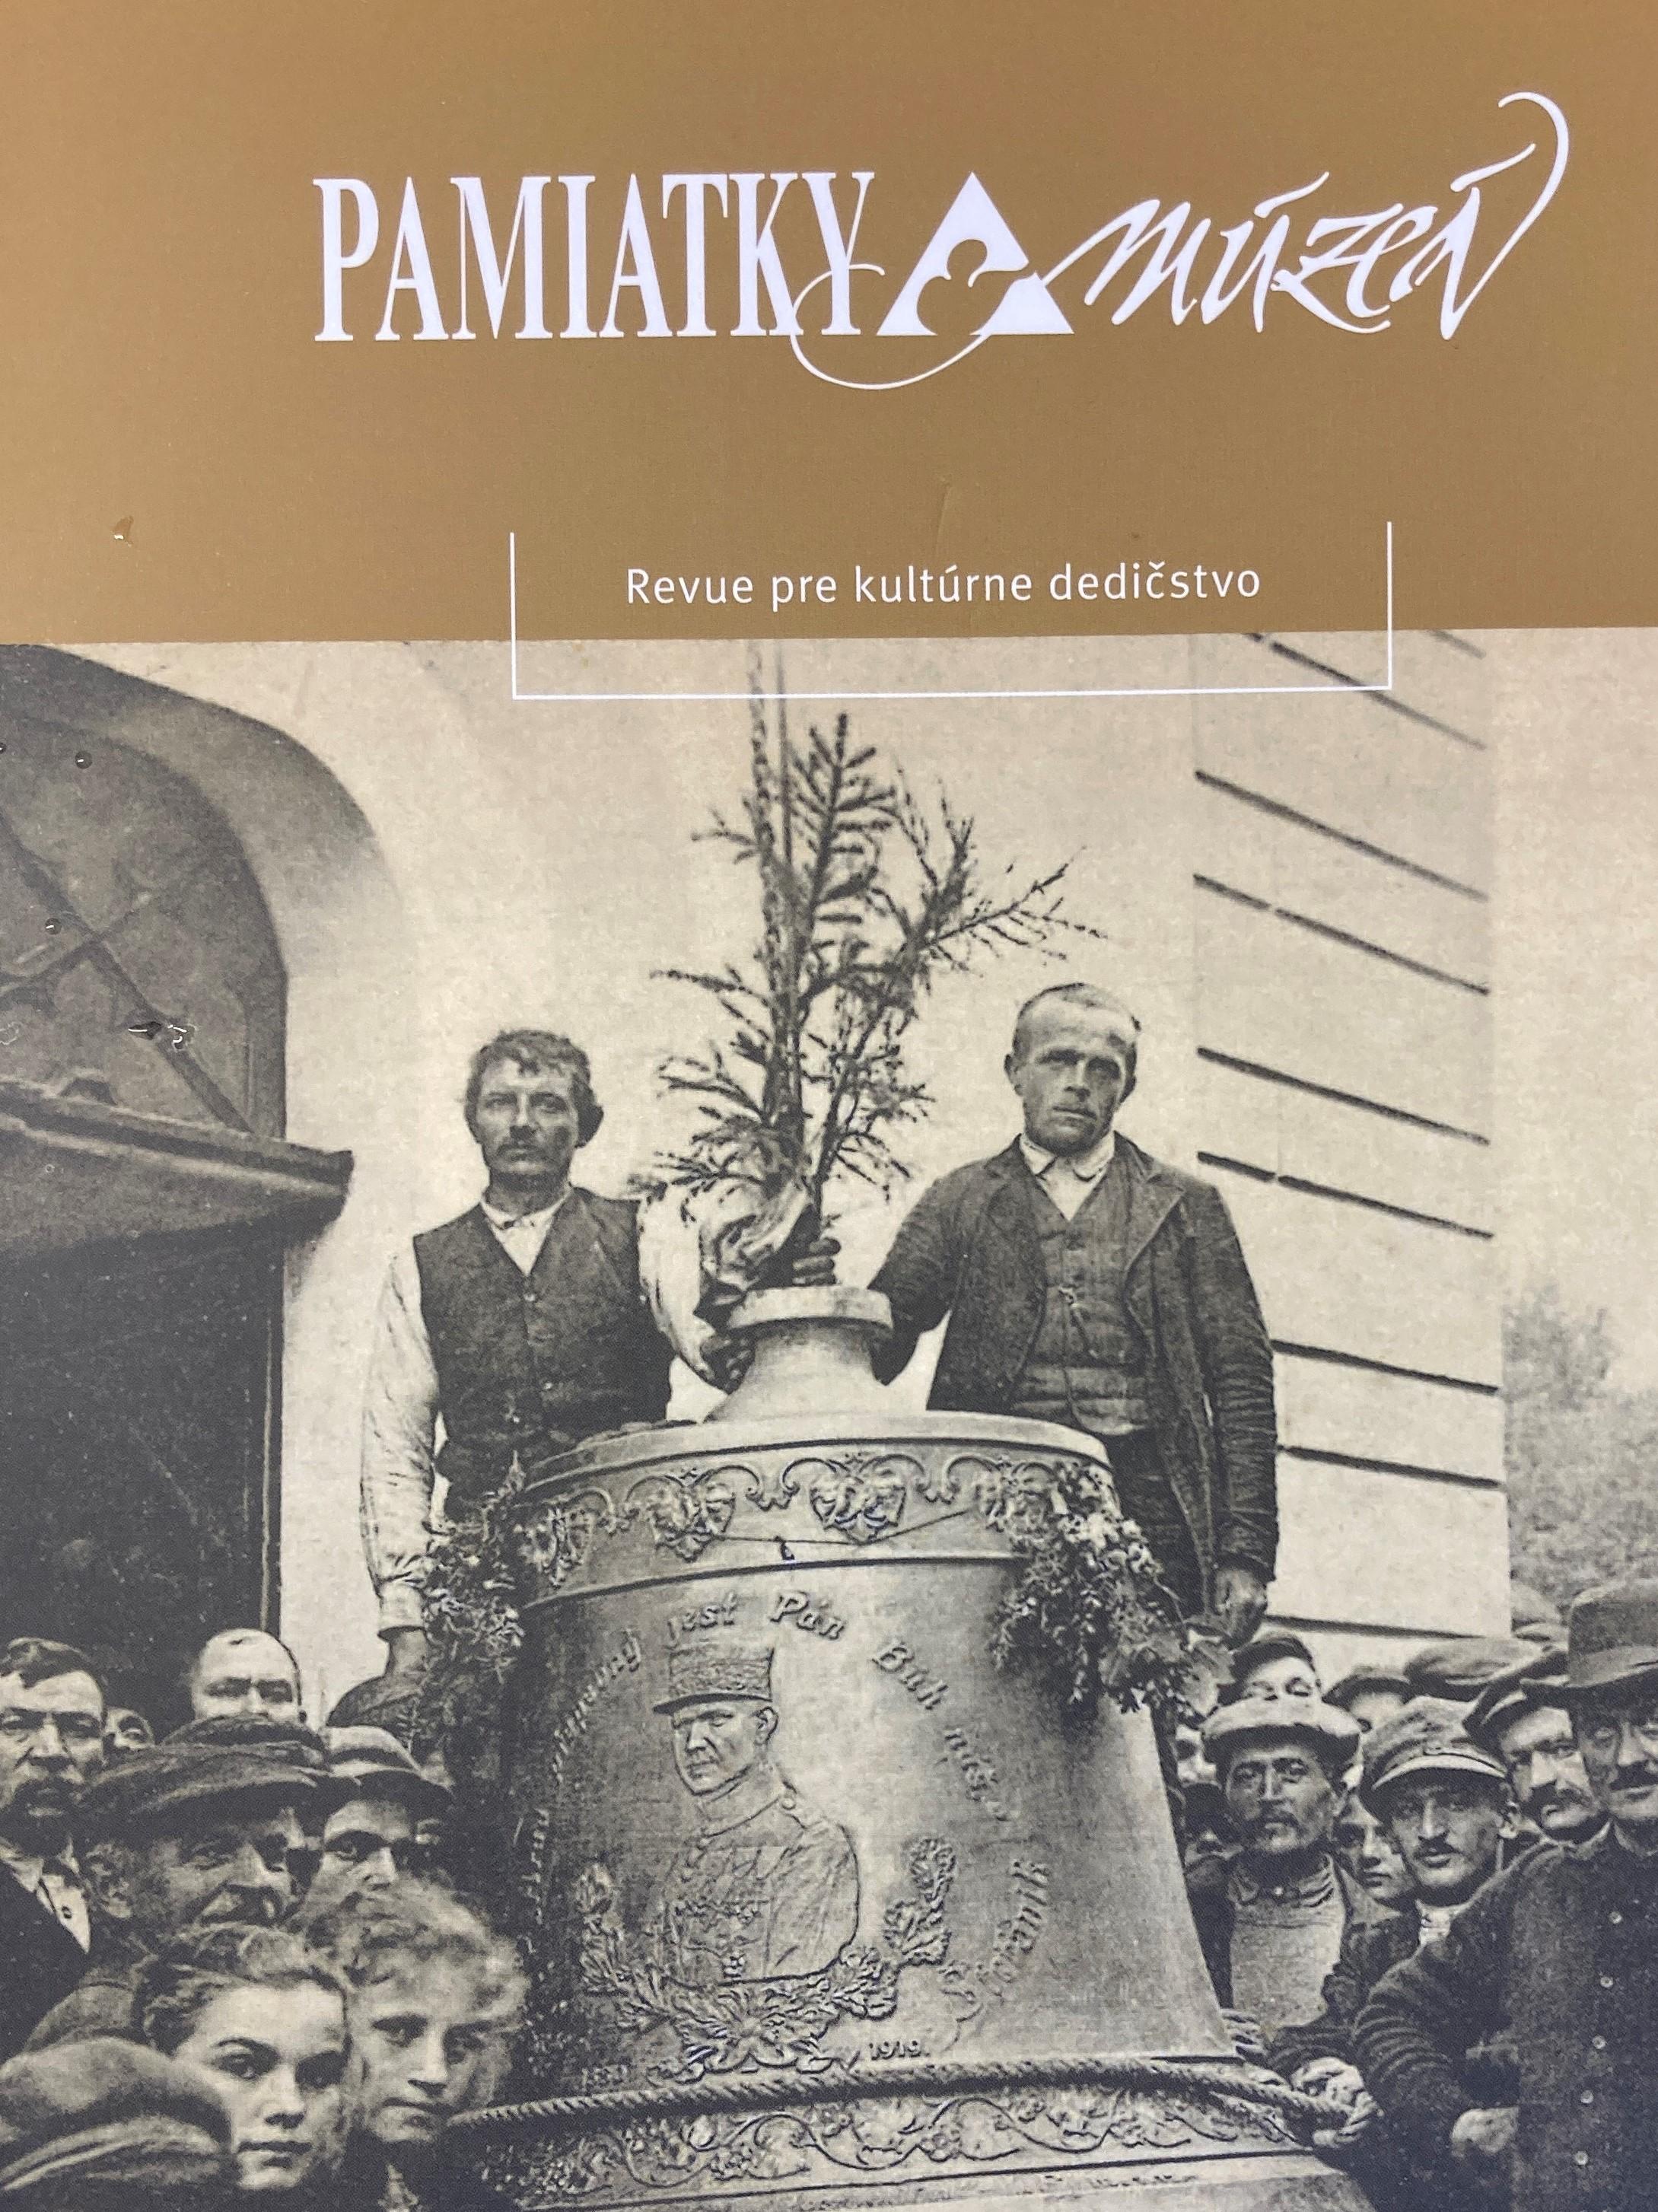 V najnovšom vydaní slávnostného čísla časopisu Pamiatky a múzeá, sme dokonca aj na samotnej obálke časopisu.